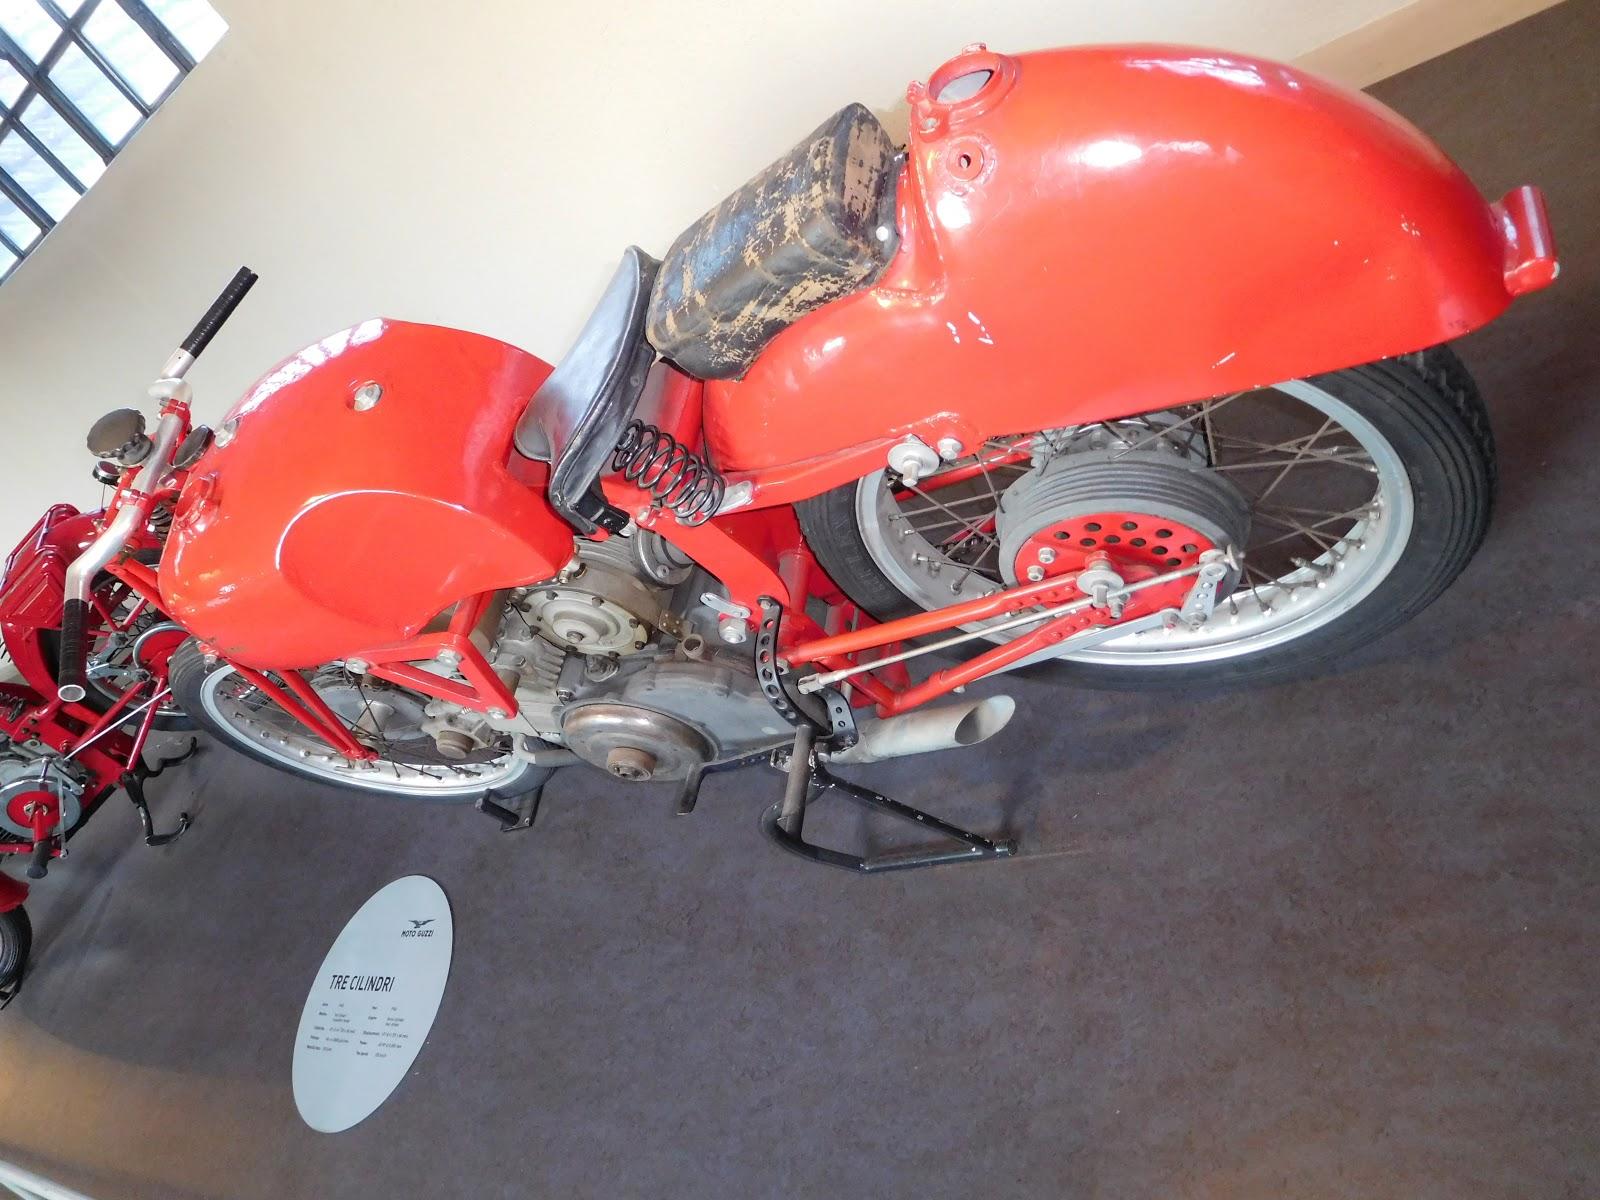 NYDucati: 1940 Moto Guzzi Tre Cilindri